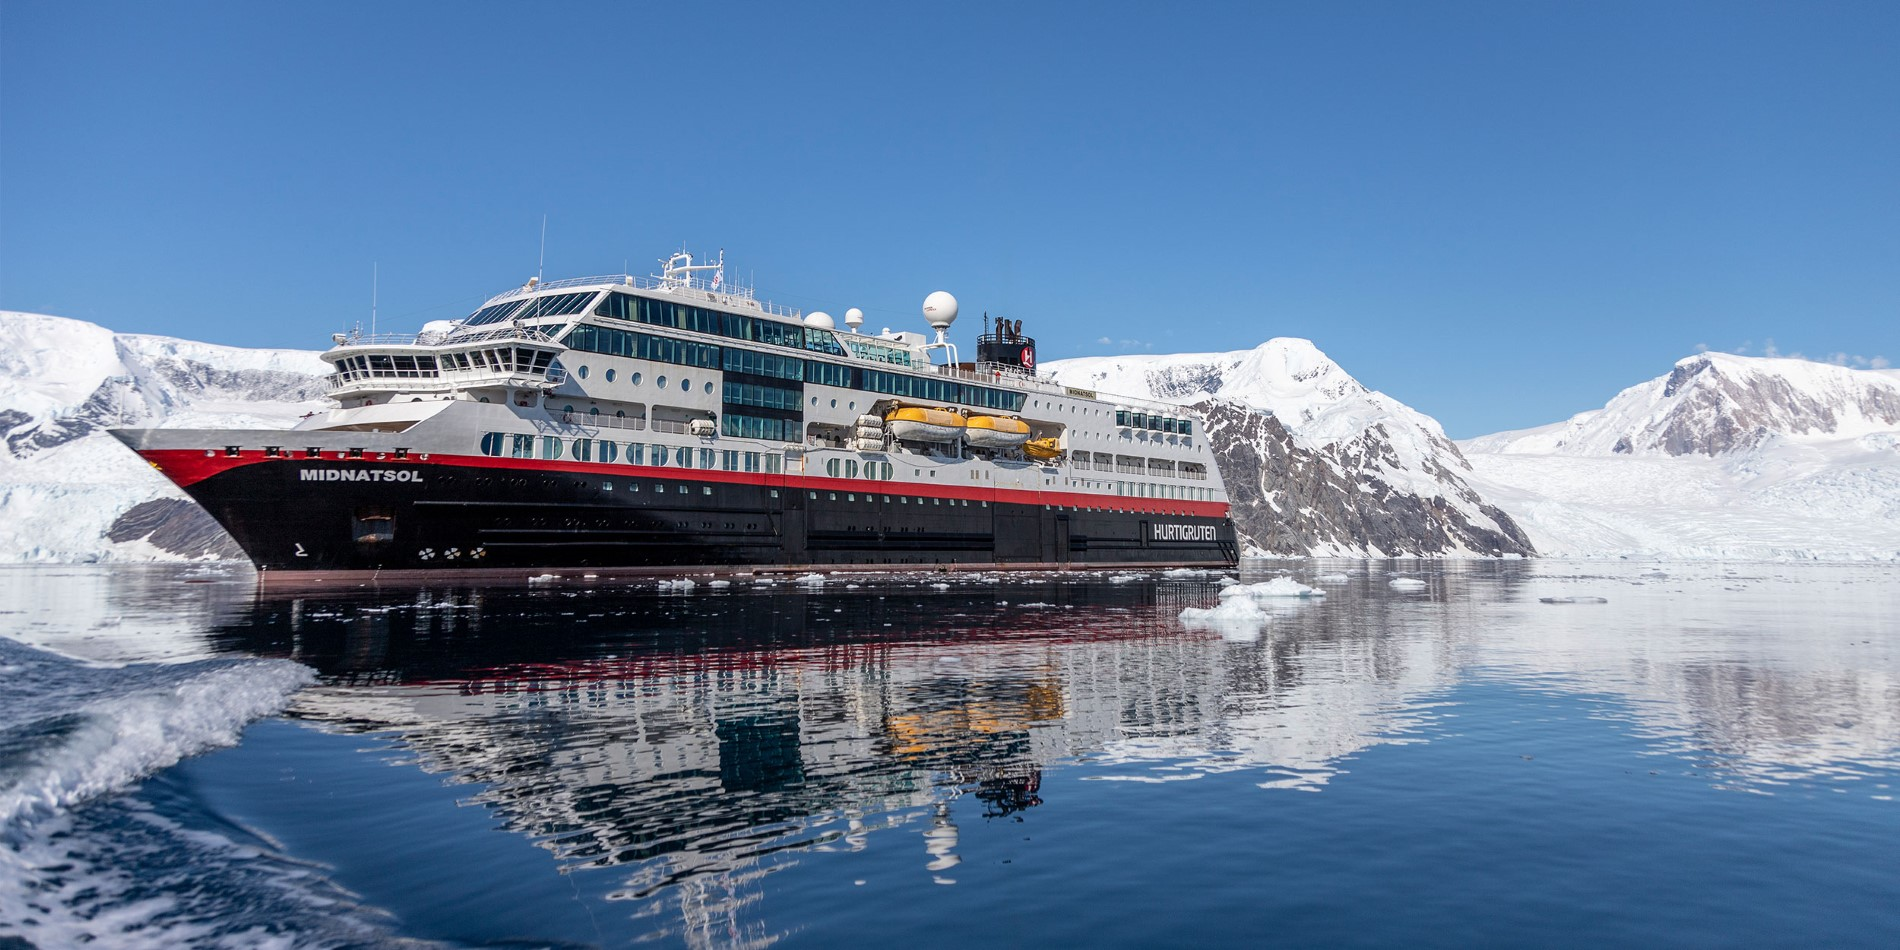 Hurtigruten schedule